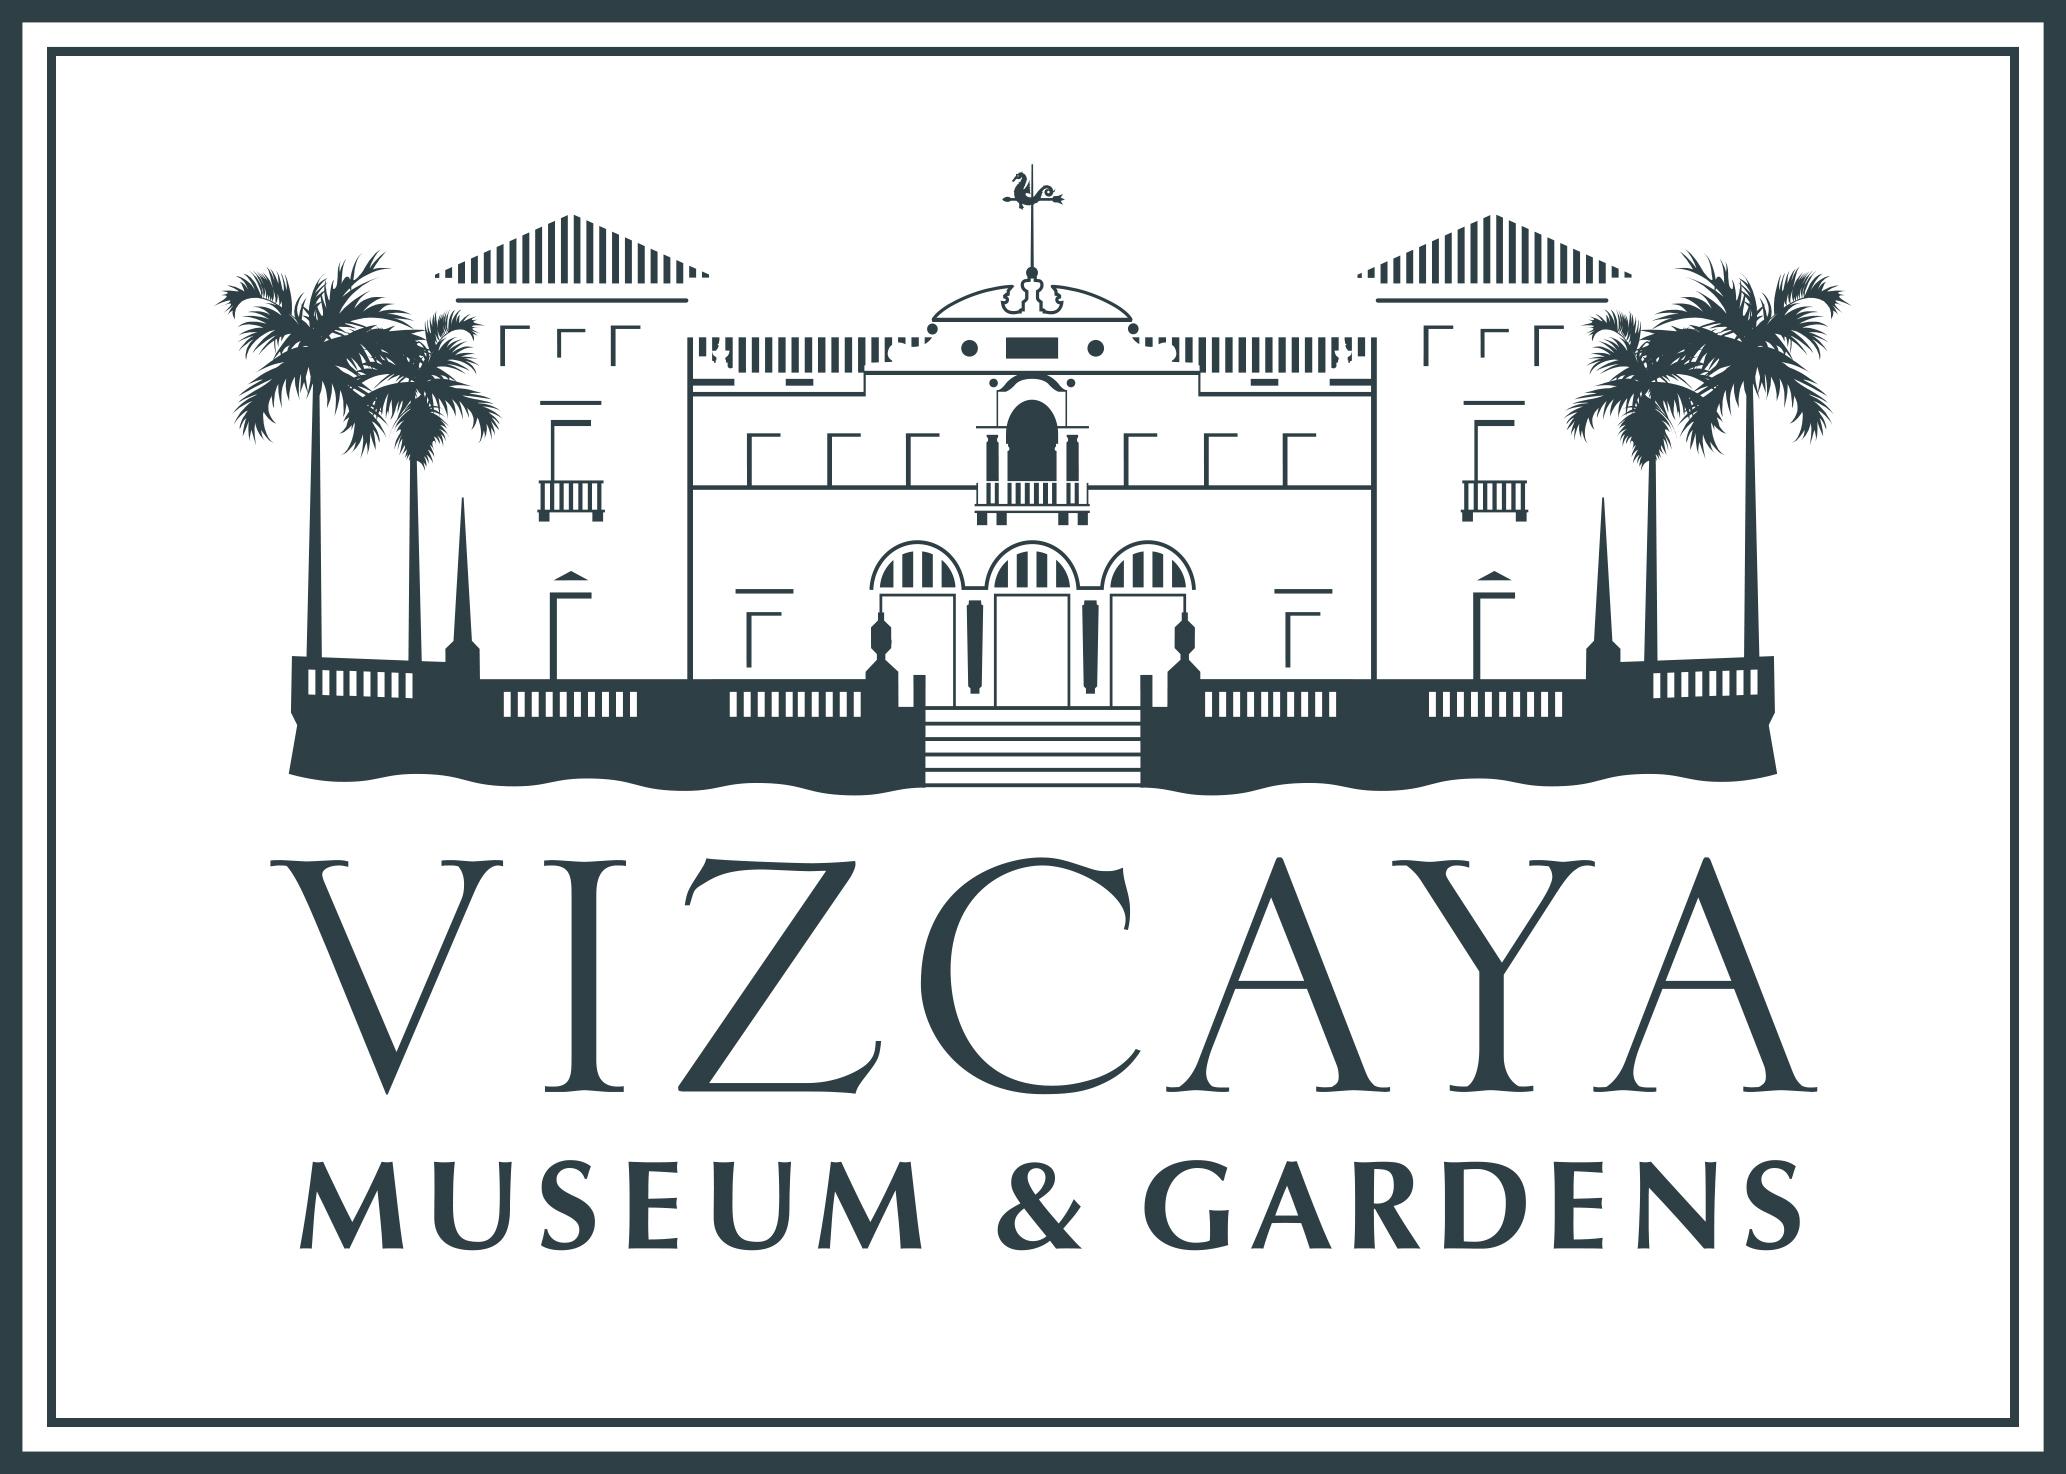 vizcaya.org